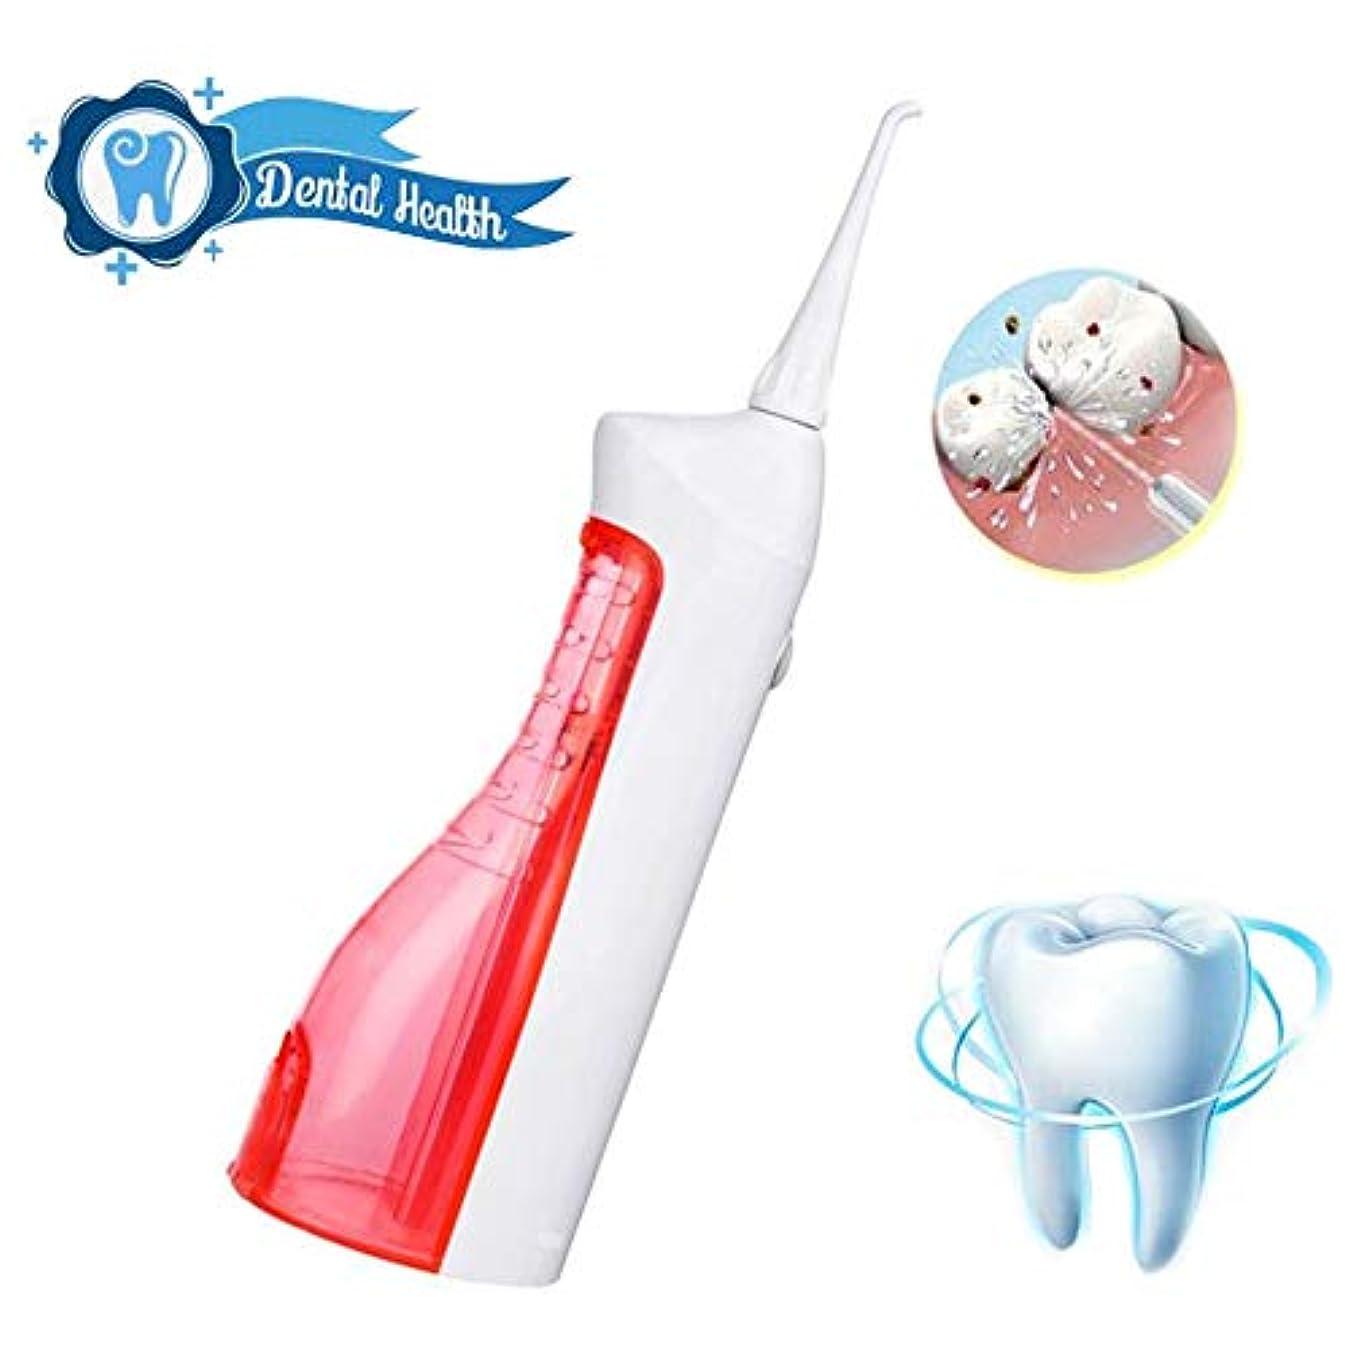 生息地ウェブ忠実歯のためのウォーターフロッサー、ポータブルプロフェッショナルコードレス歯科口腔灌漑器(150mlタンク、2本のジェットチップ付き)歯磨き粉用クリーナー、2つのクリーニングモード、USB充電式、IPX7